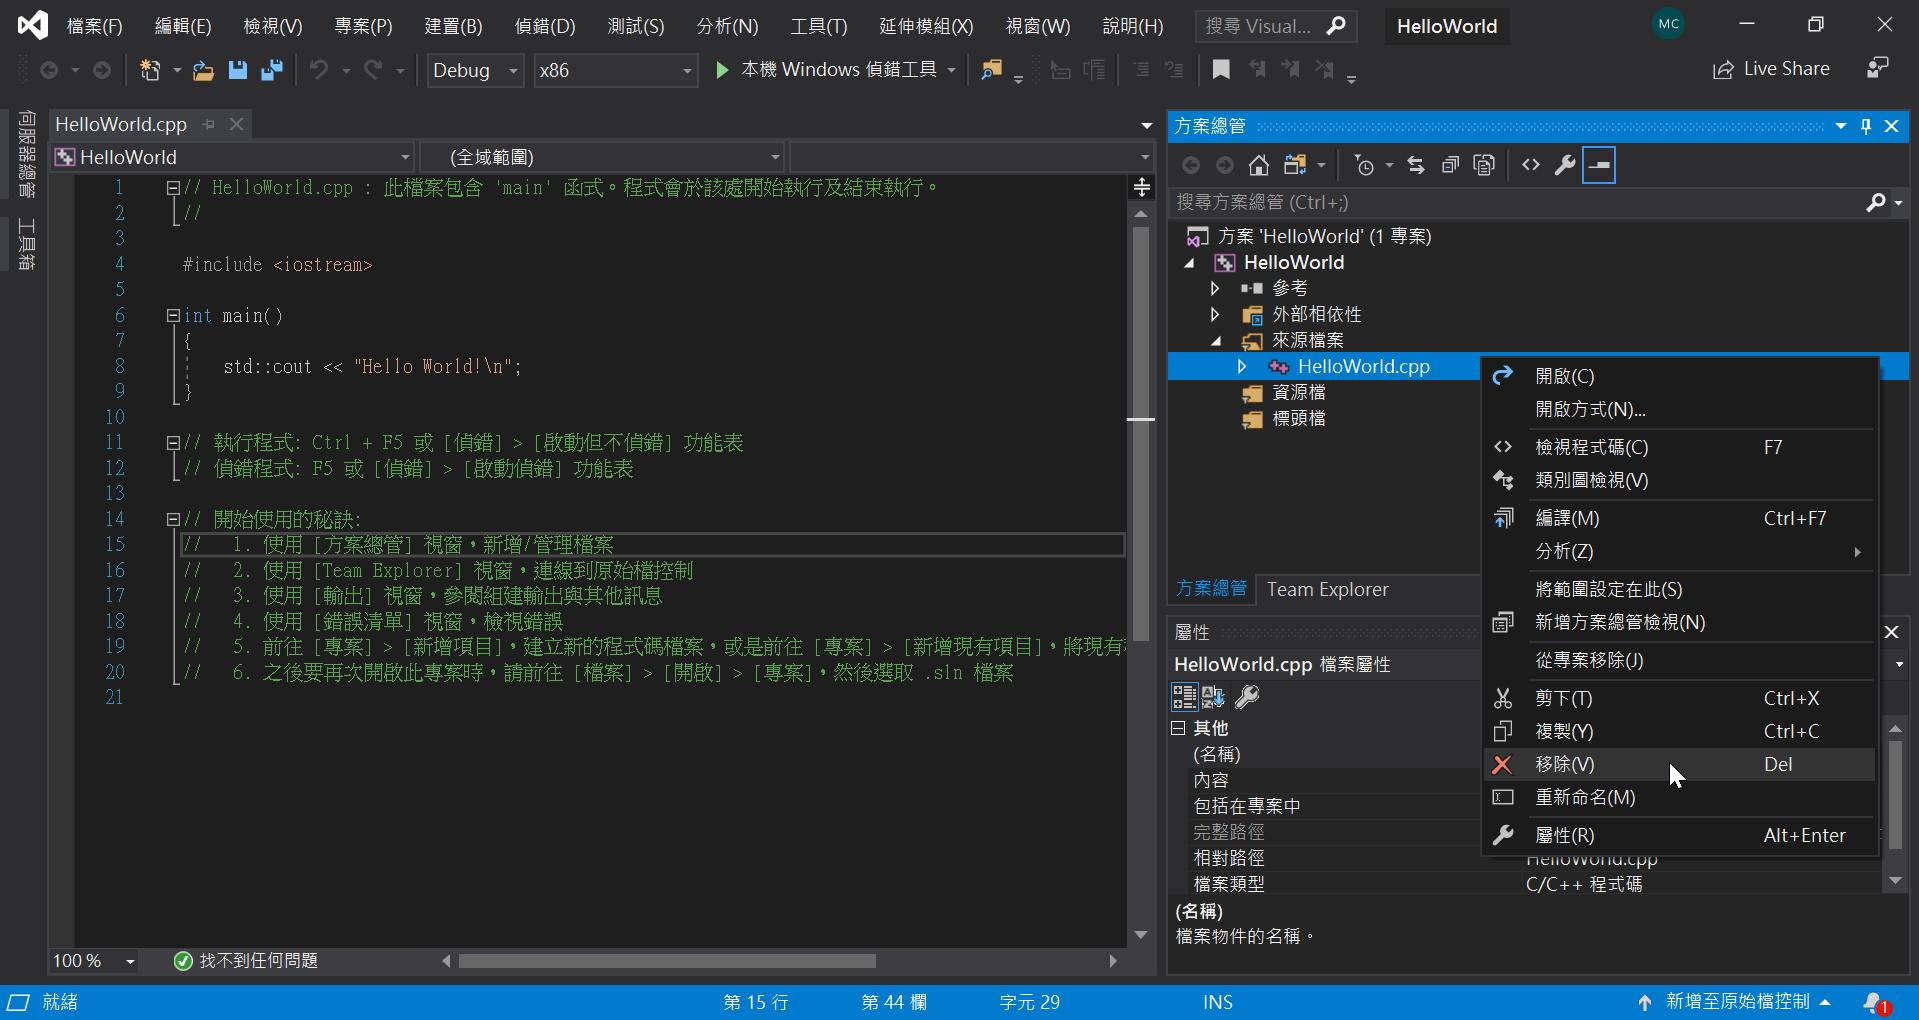 移除 Visual Studio 2019 專案中的 C++ 檔案